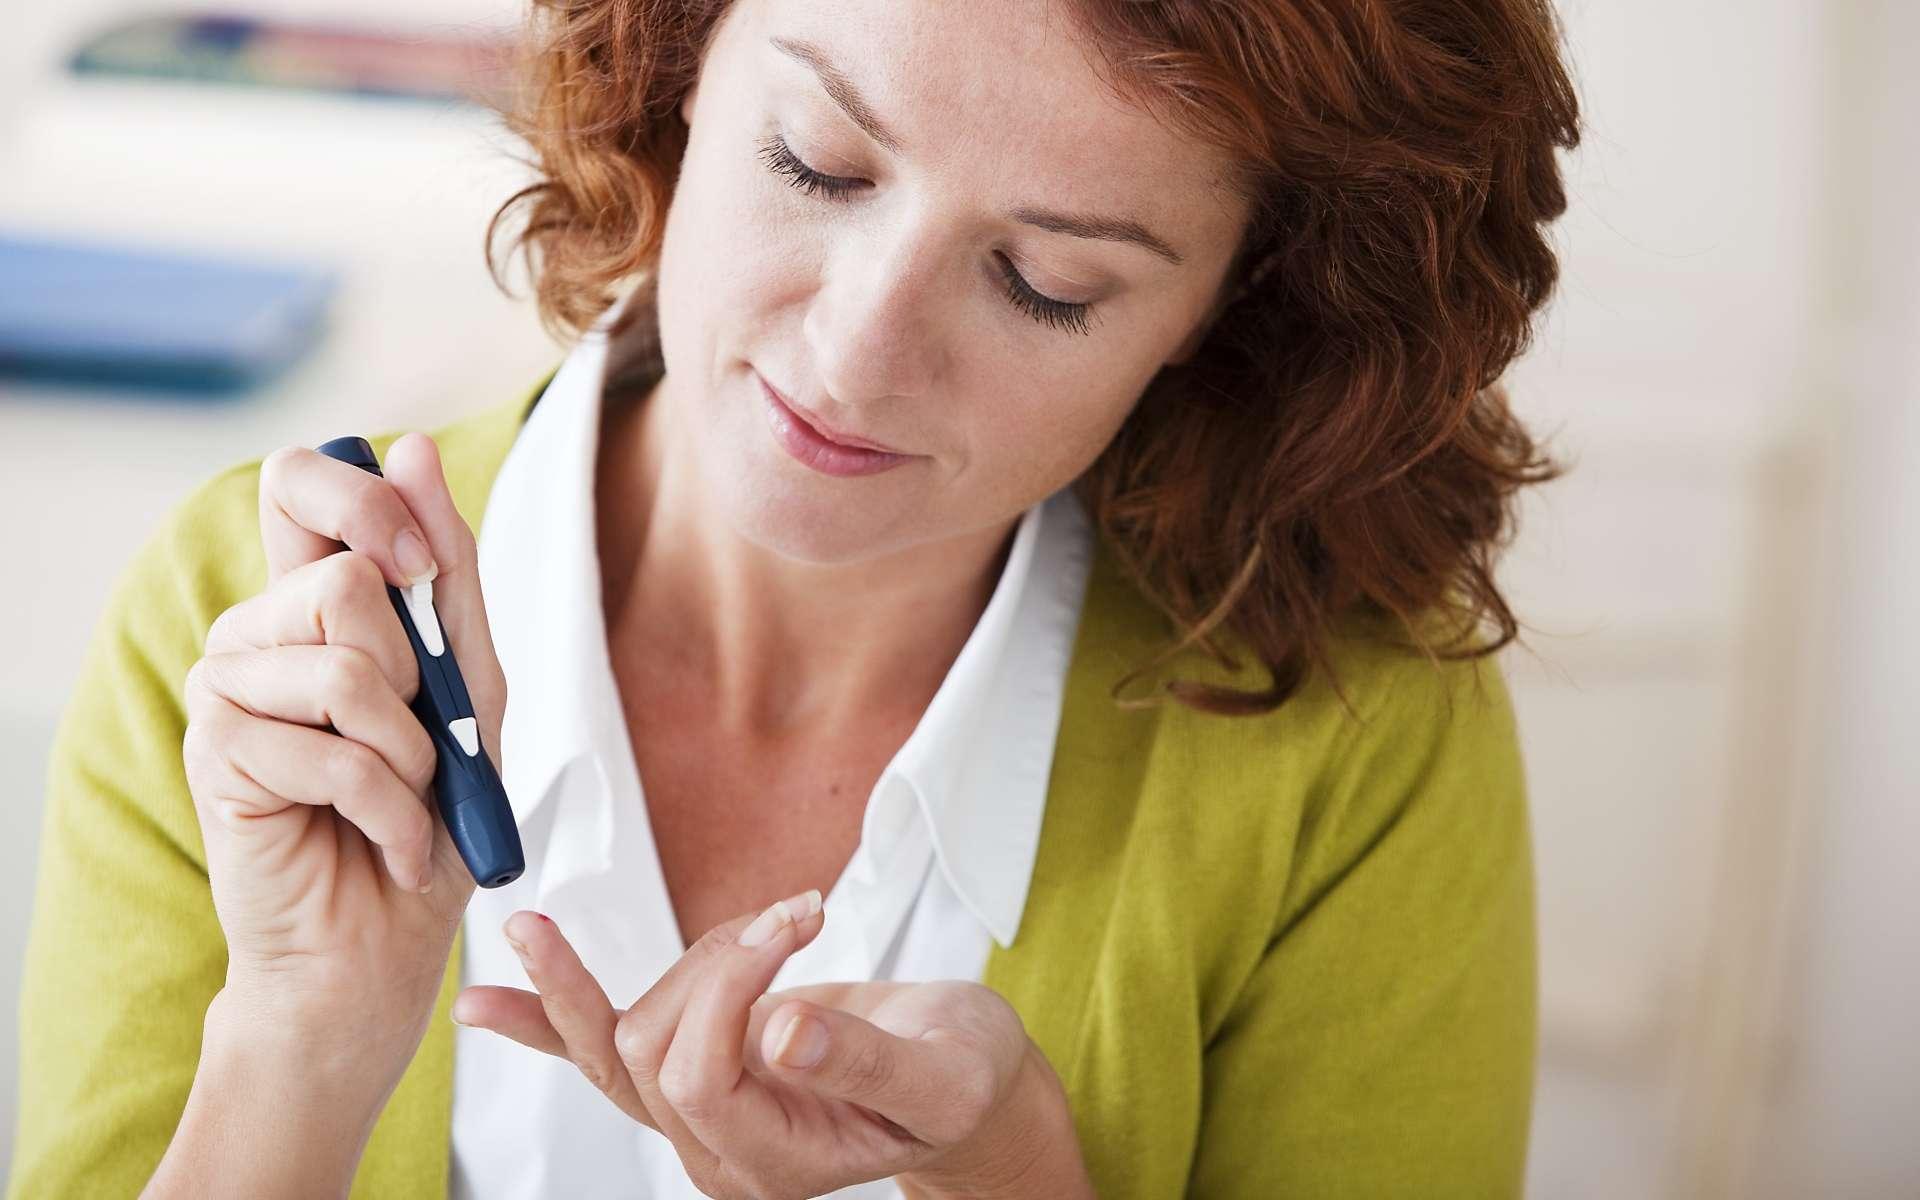 Au niveau mondial, la progression du diabète ressemble à une épidémie. Le manque d'activité physique et une alimentation déséquilibrée sont des facteurs connus. La surveillance de la glycémie implique pour les diabétiques des piqûres quotidiennes ; le projet Med&Chill pourrait changer leur vie. © Image Point Fr, Shutterstock